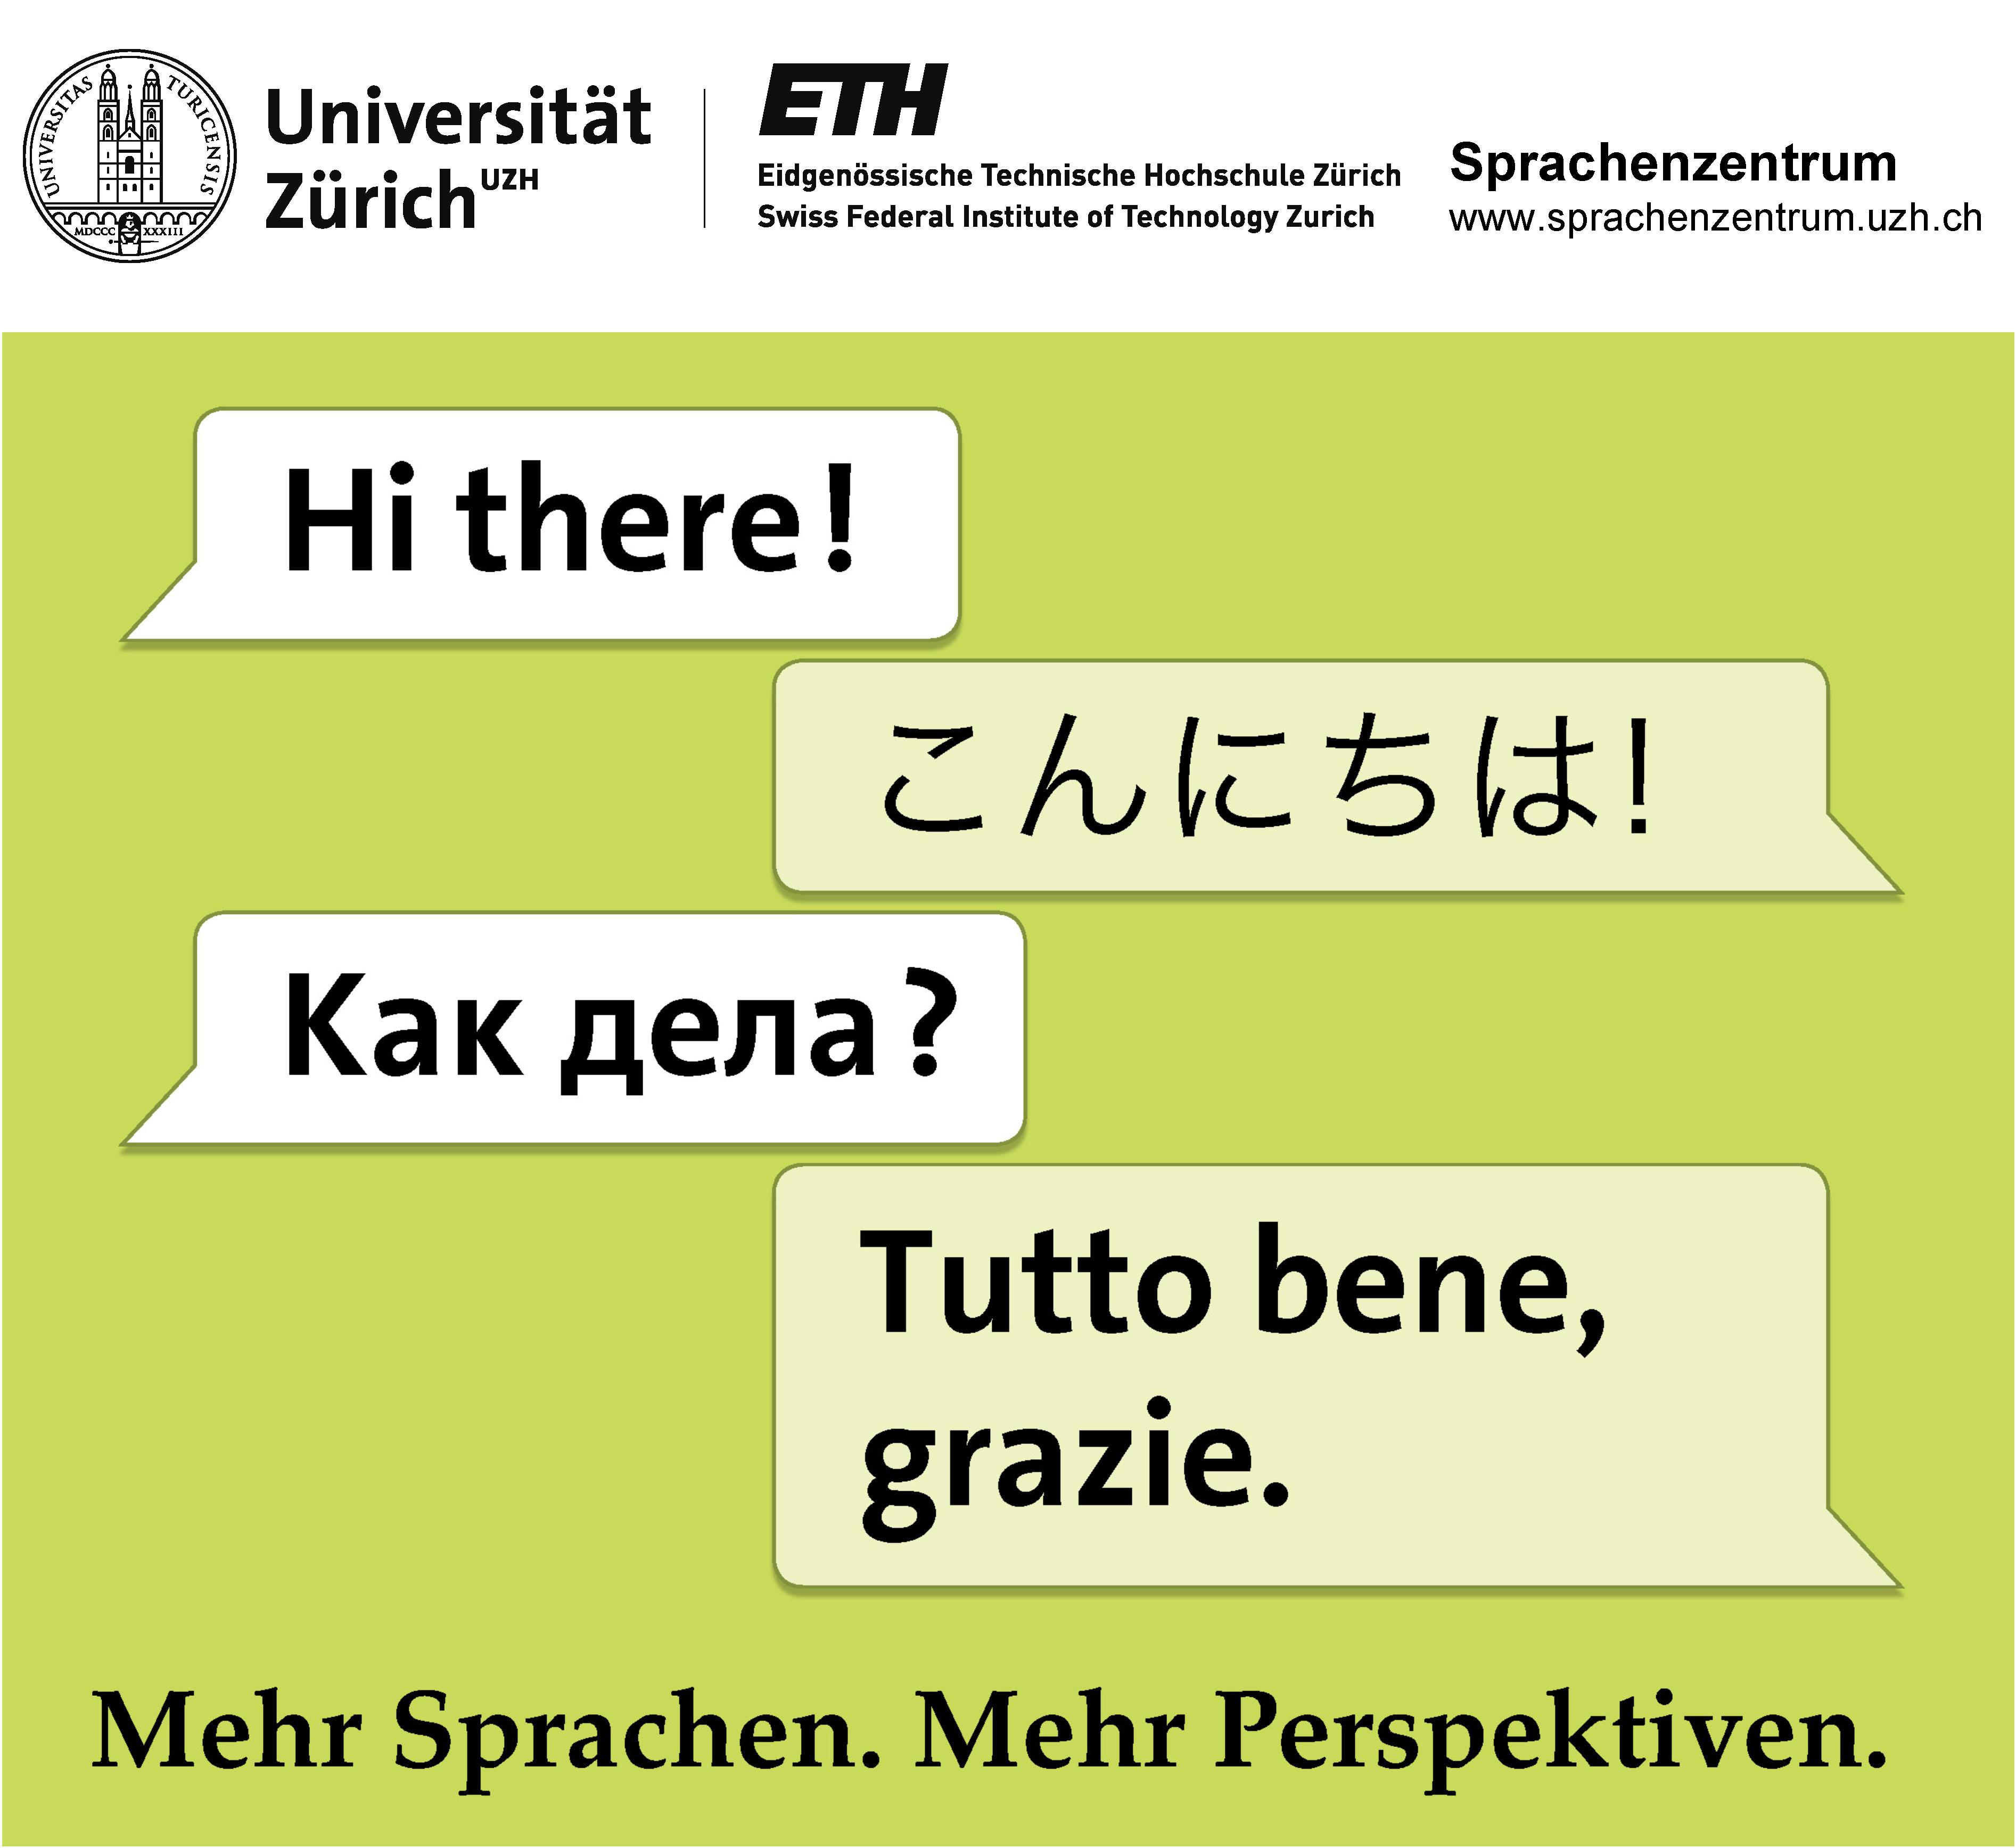 Sprachenzentrum